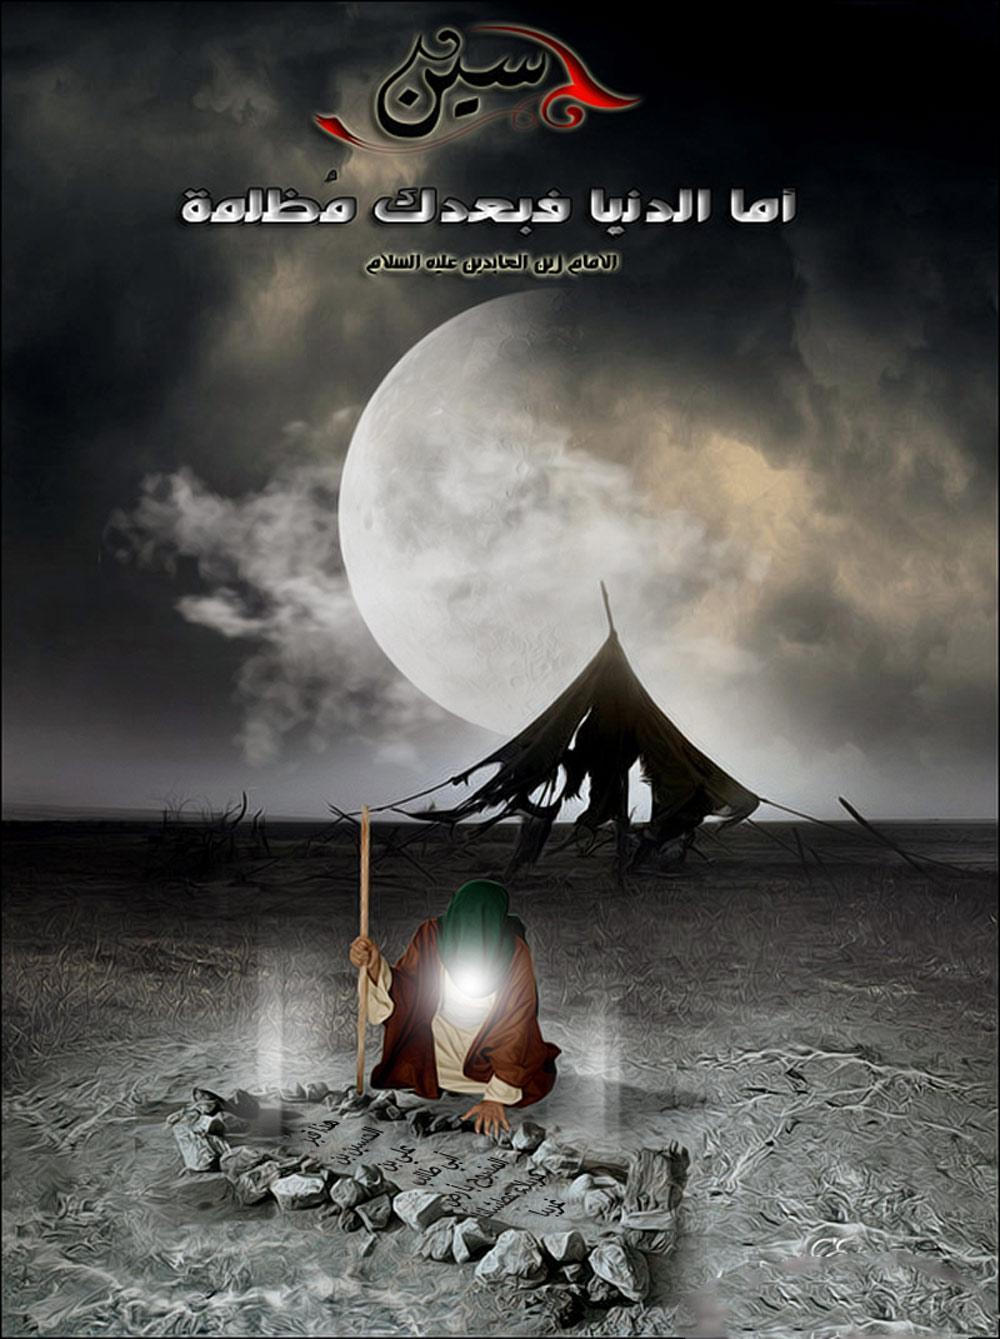 نتيجة بحث الصور عن اليوم الثالث عشر من محرم الحرام ..